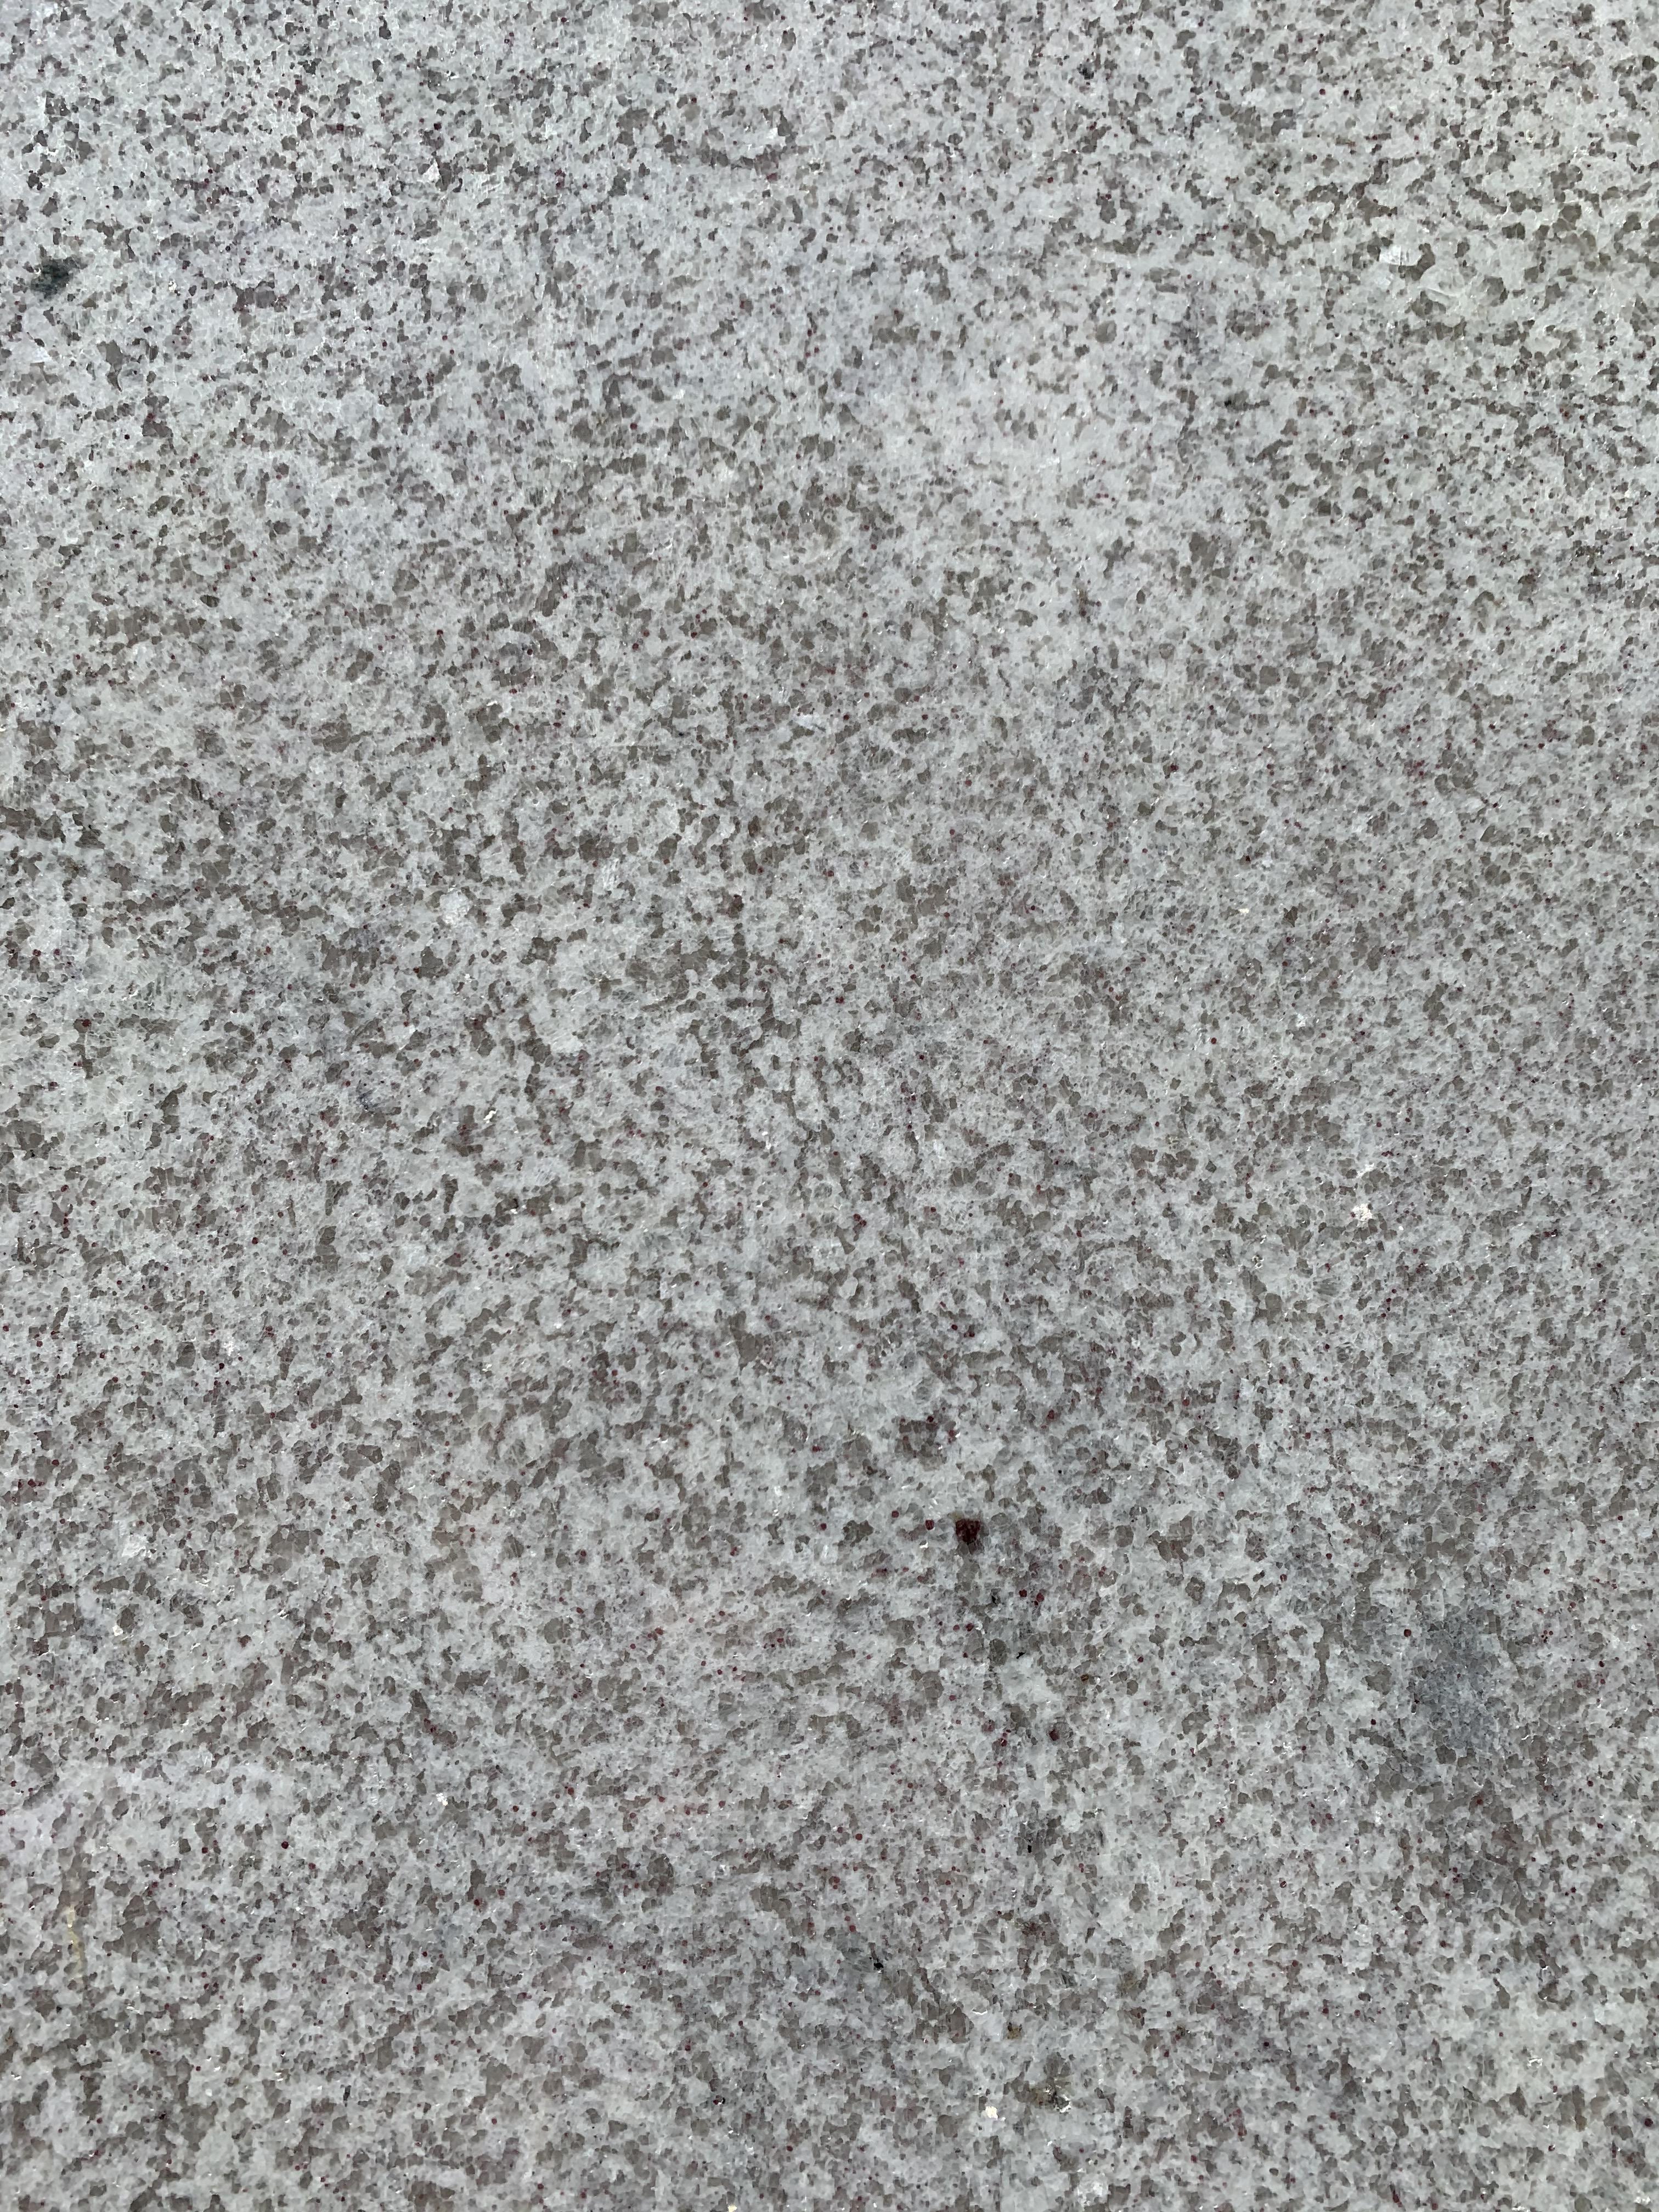 White Itaunas Granite